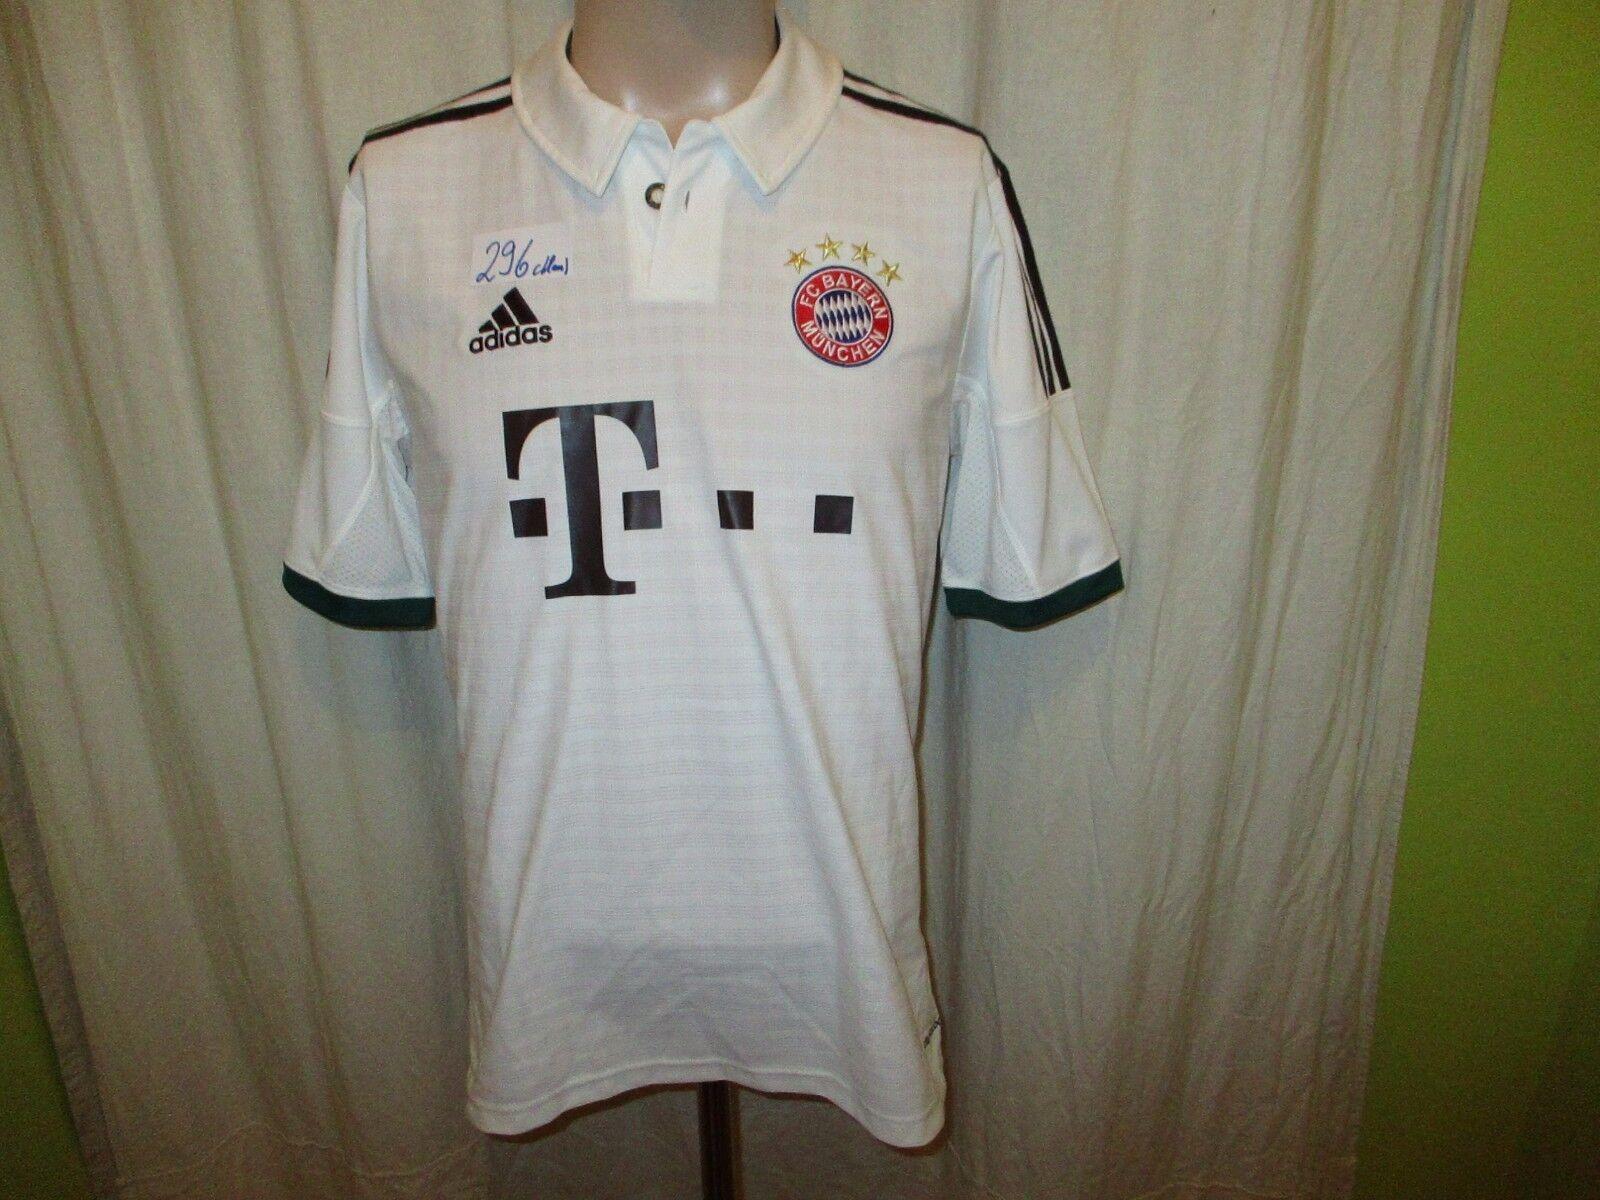 FC Bayern München Original Adidas Wiesen Trikot 2013 14  -T---  Gr.M TOP  | Won hoch geschätzt und weithin vertraut im in- und Ausland vertraut